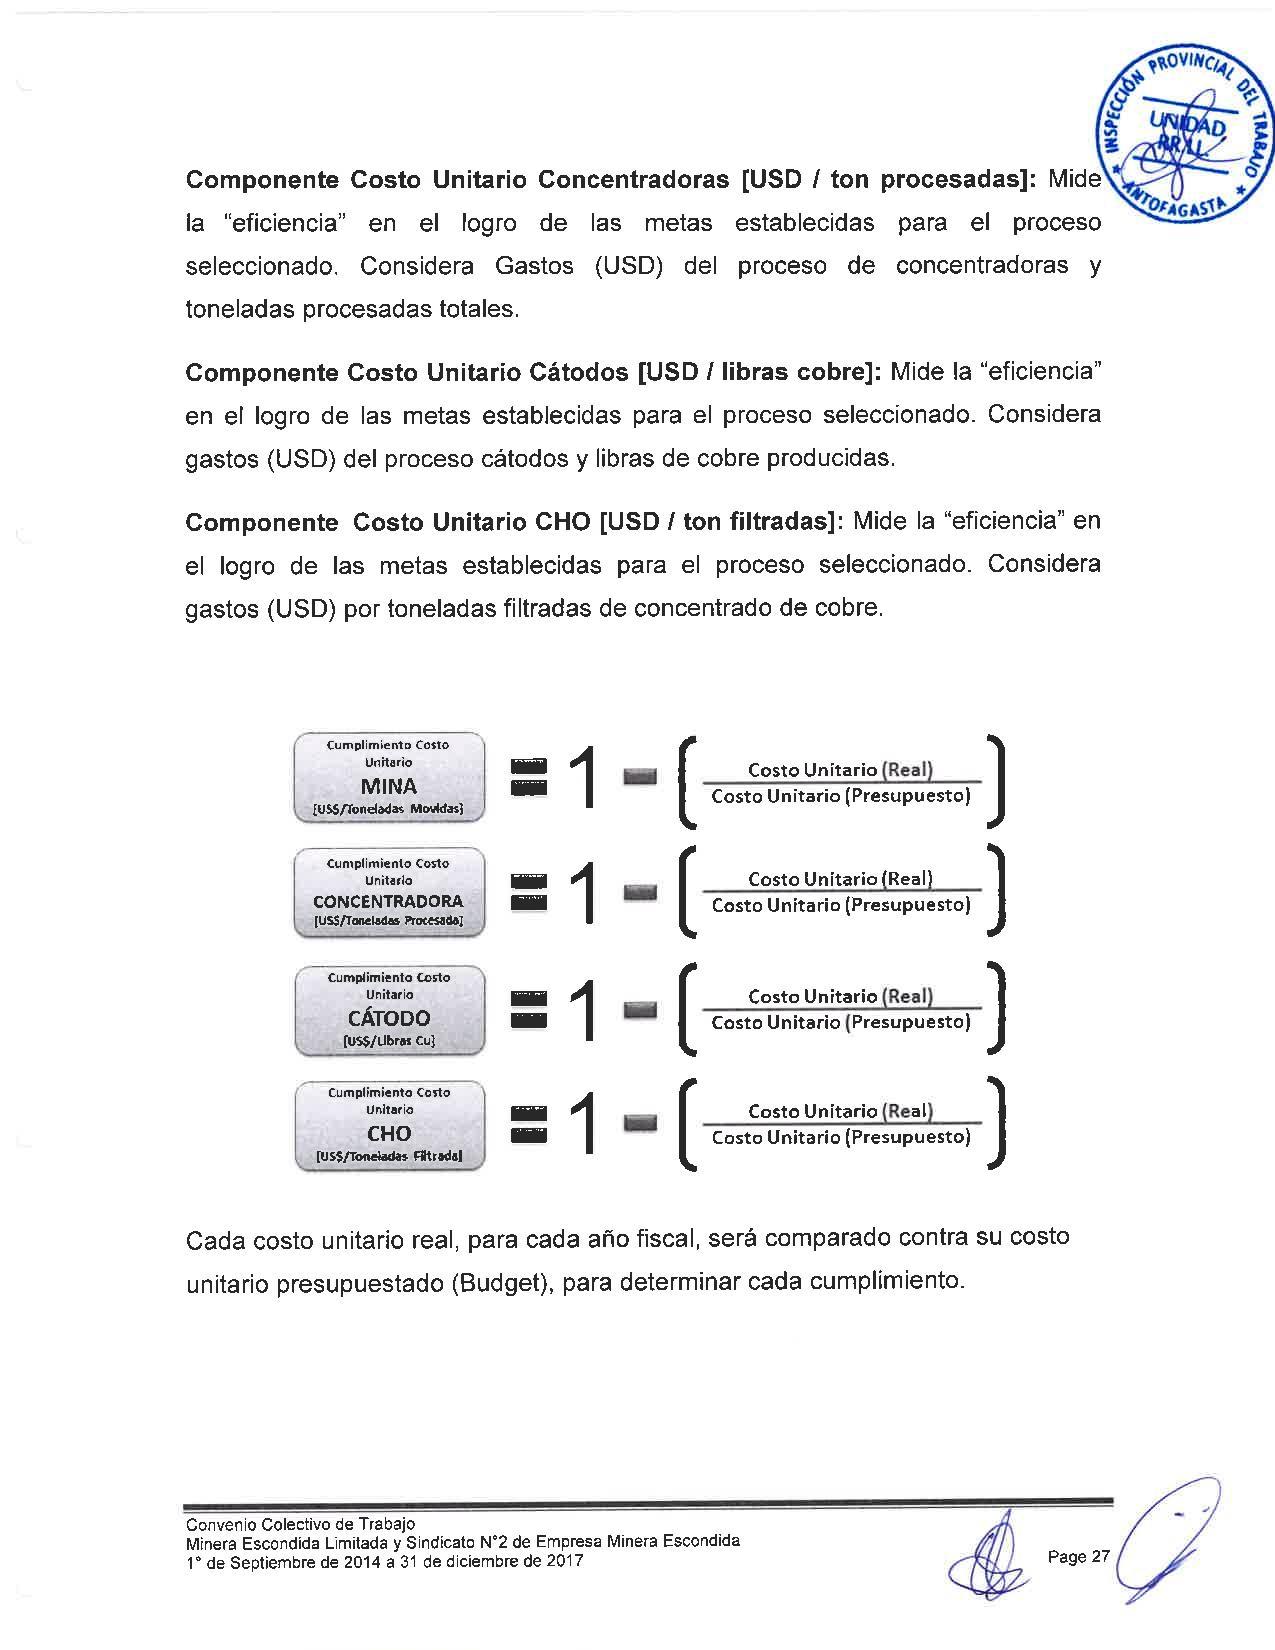 Página (27).jpg